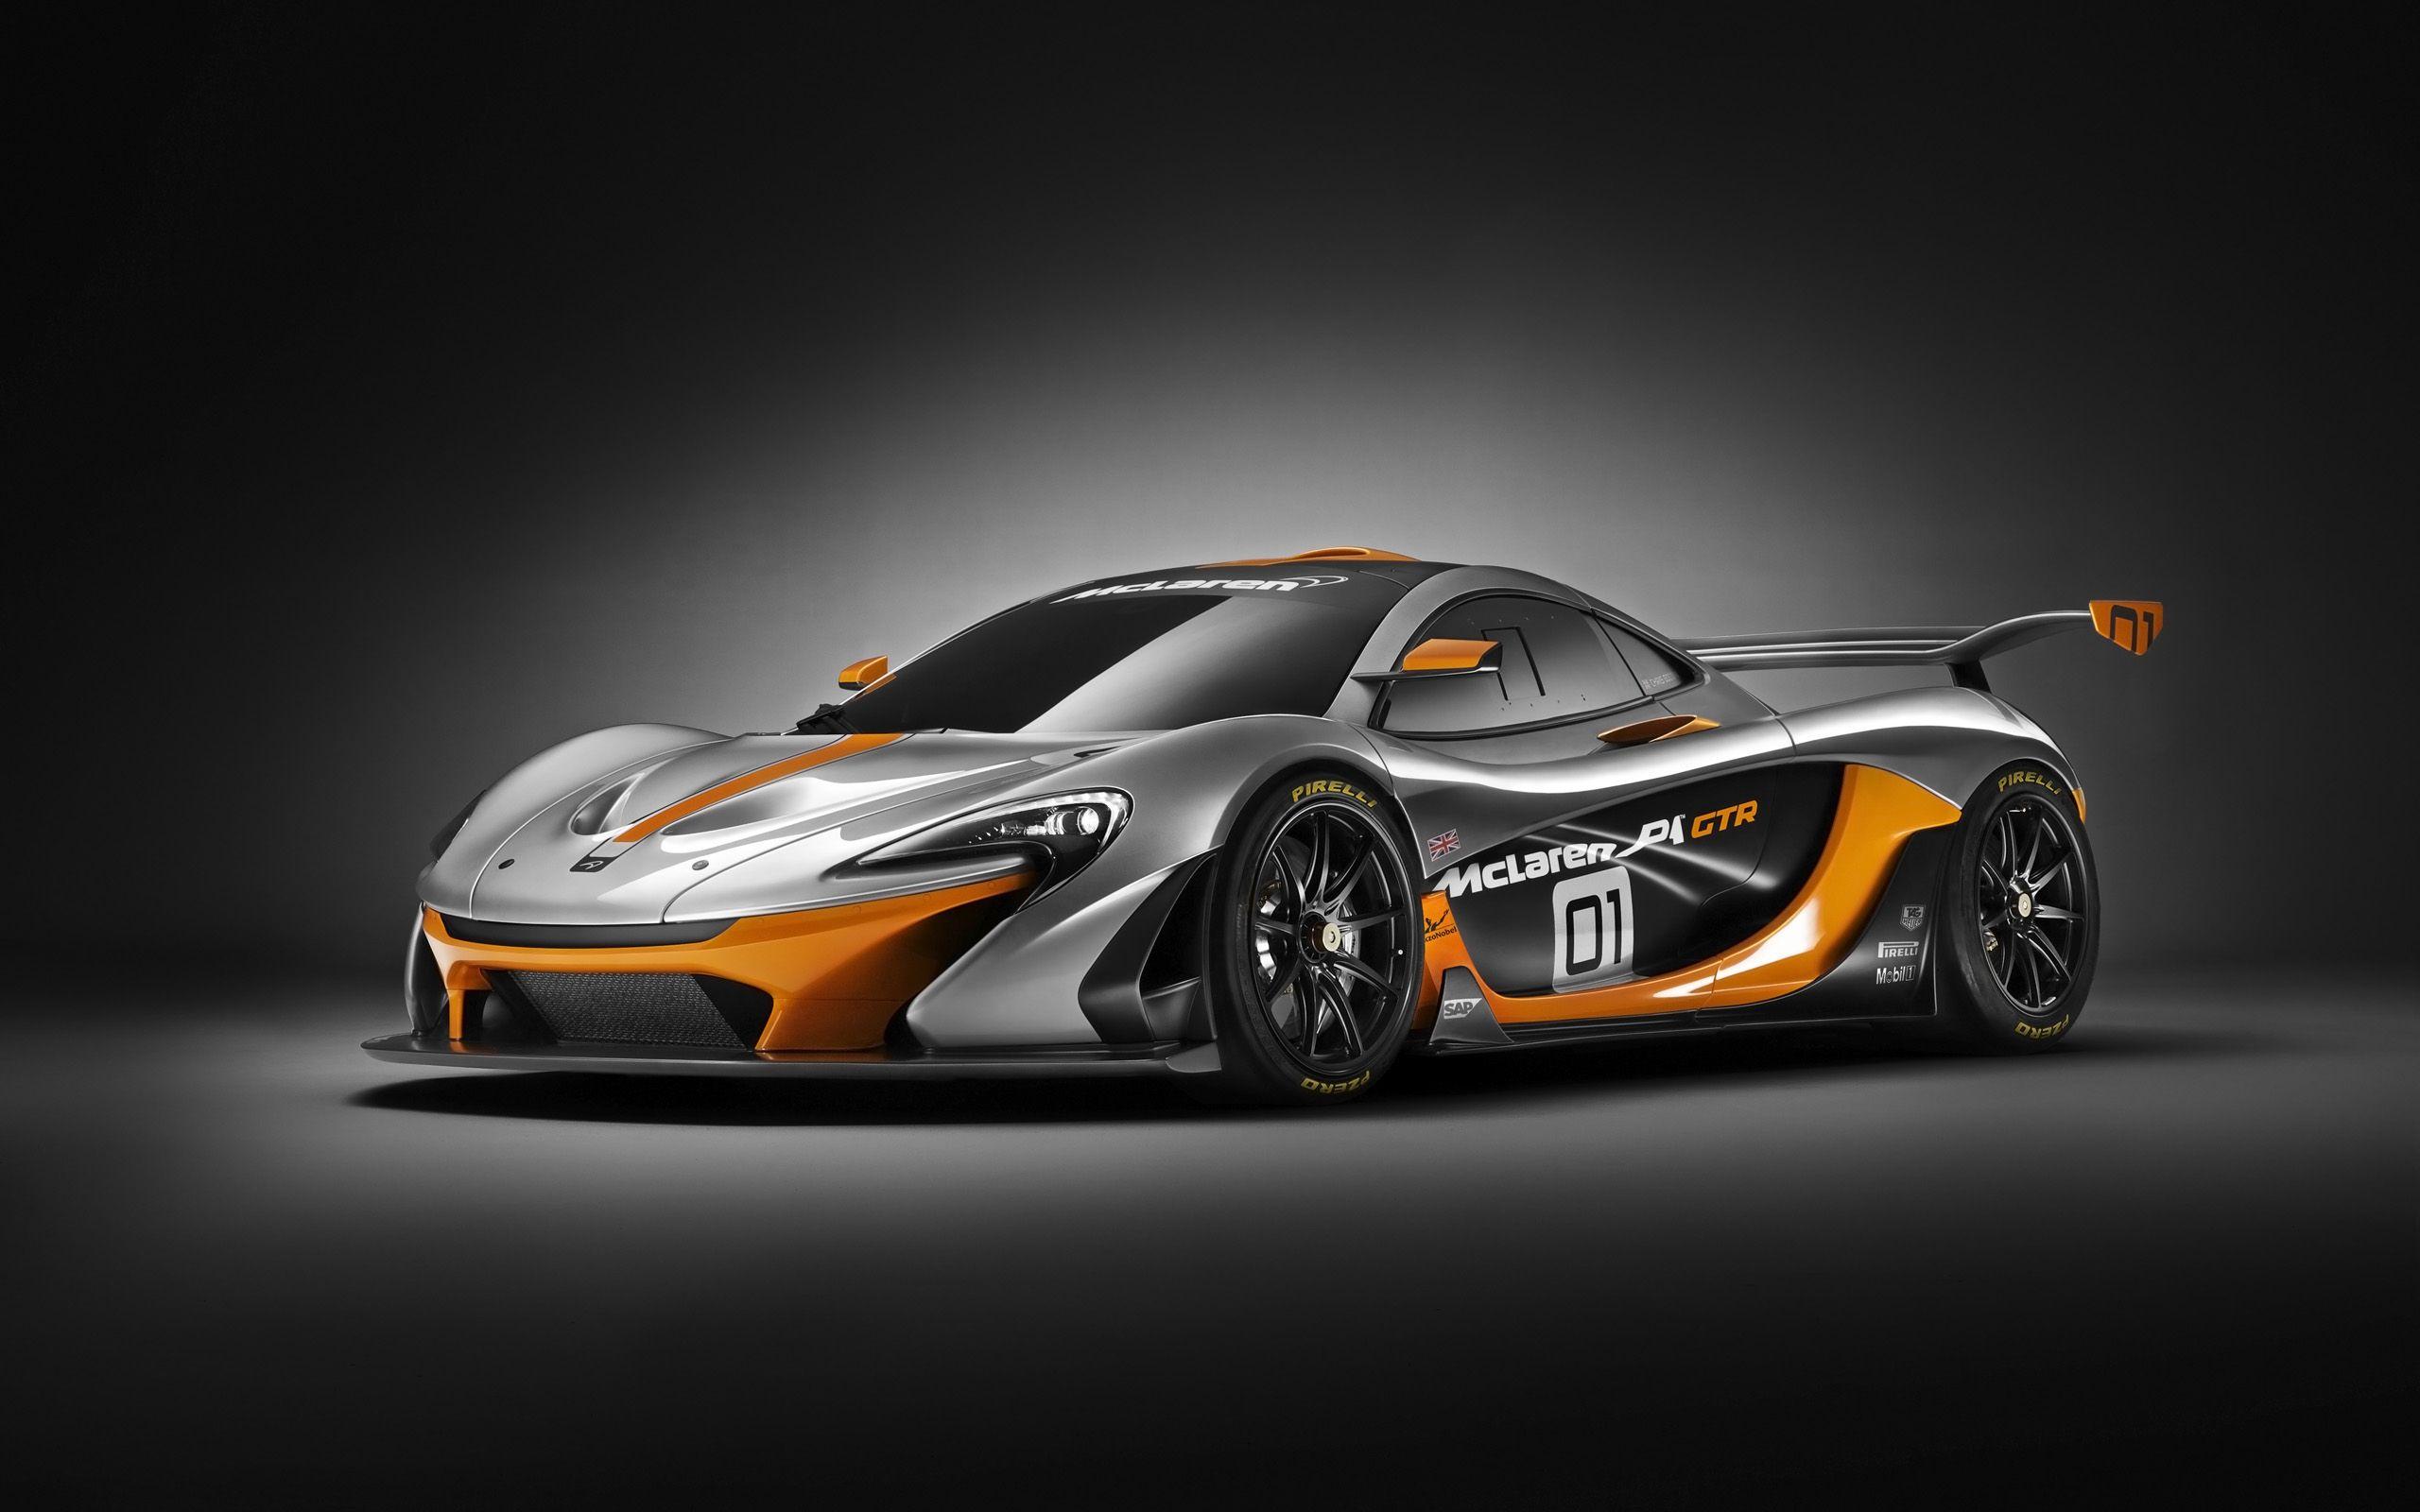 Merveilleux 2014 McLaren P1 GTR Concept WallPaper HD   Http://imashon.com/